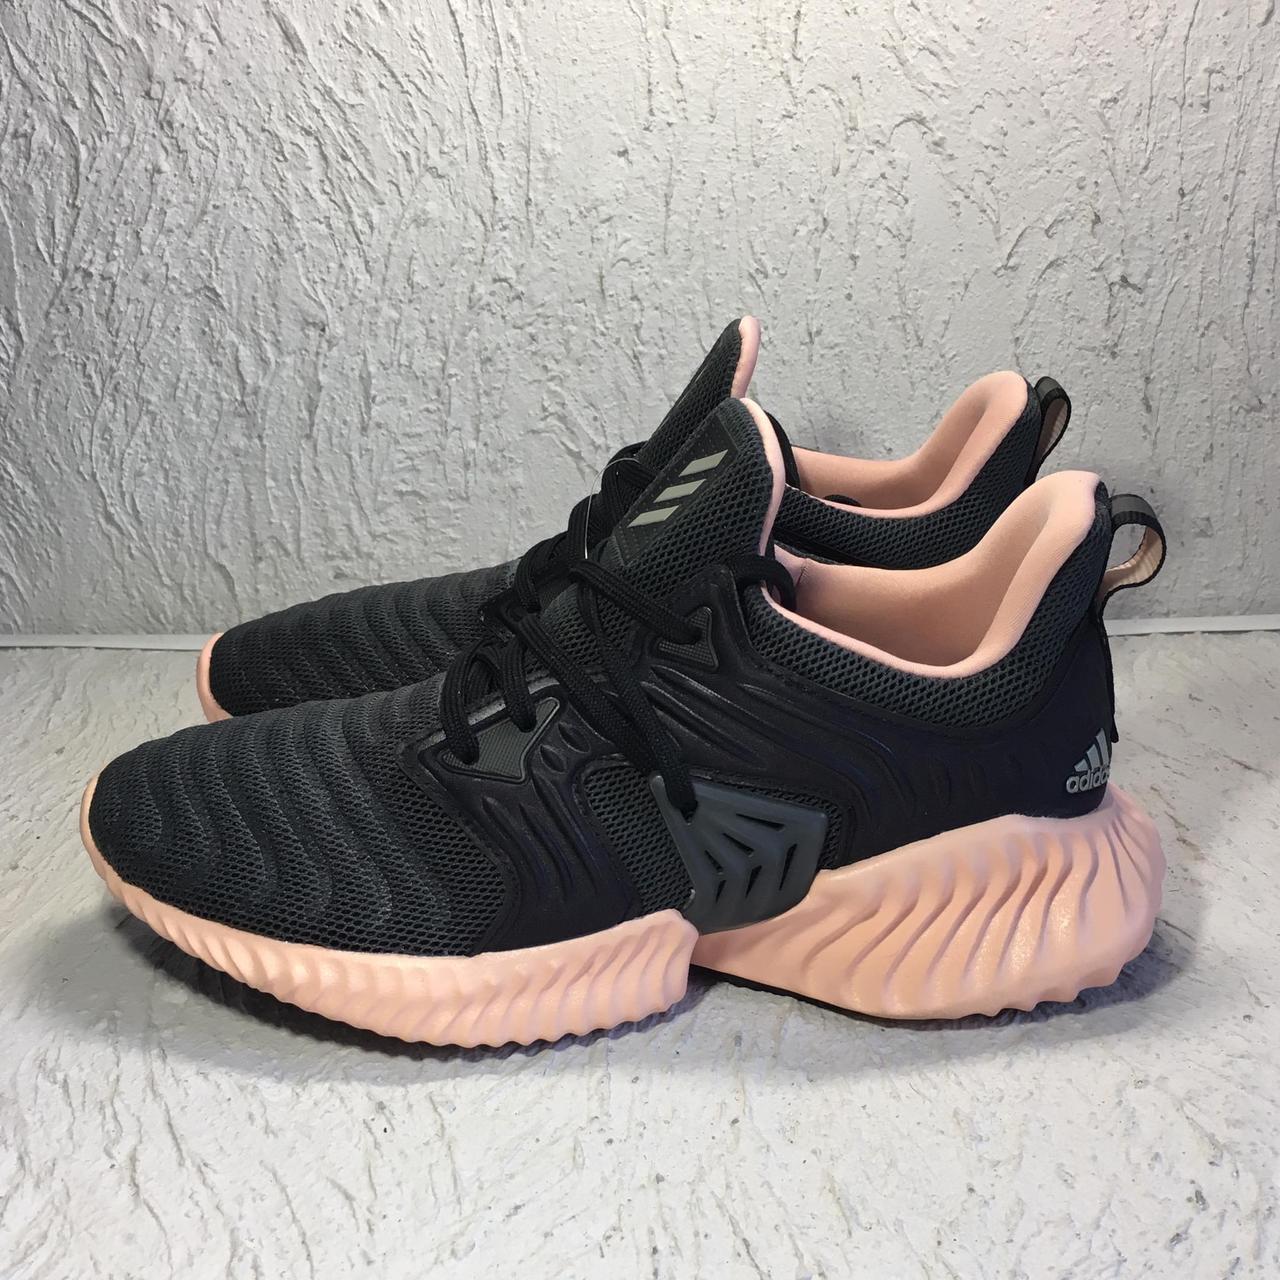 Женские кроссовки Adidas Alphabounce Instinct CC F33937 39 1/3; 40; 40 2/3; 41 1/3 размер